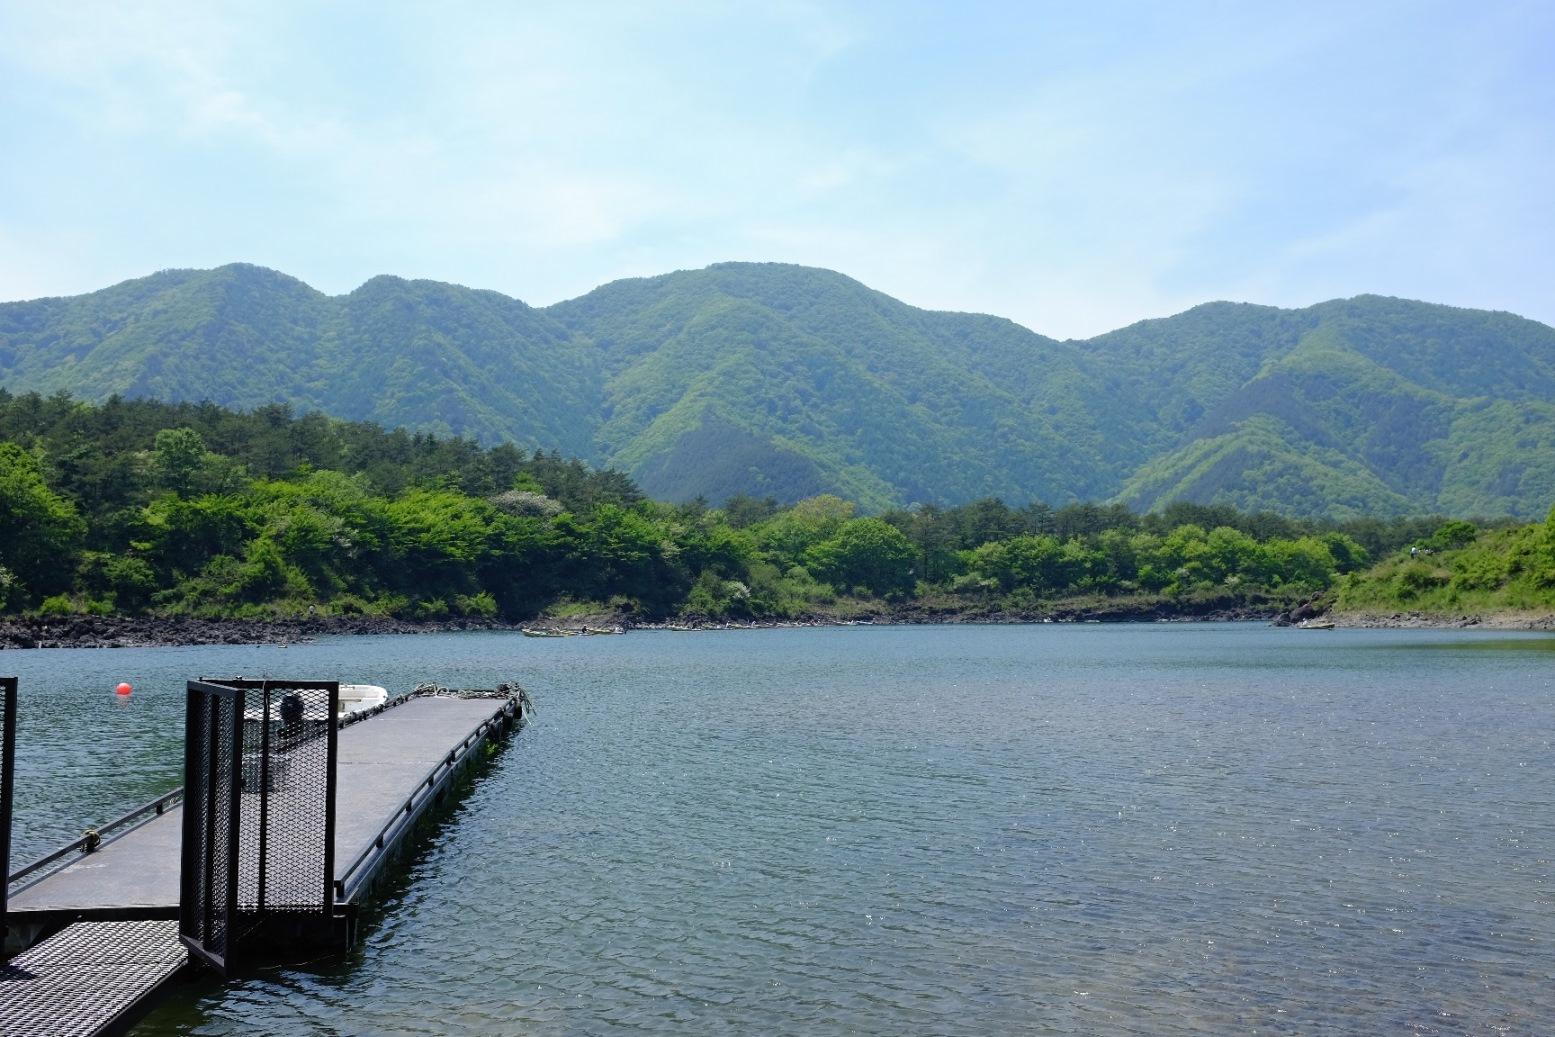 2017/05/21 ツーリング 富士五湖_d0233770_2335839.jpg